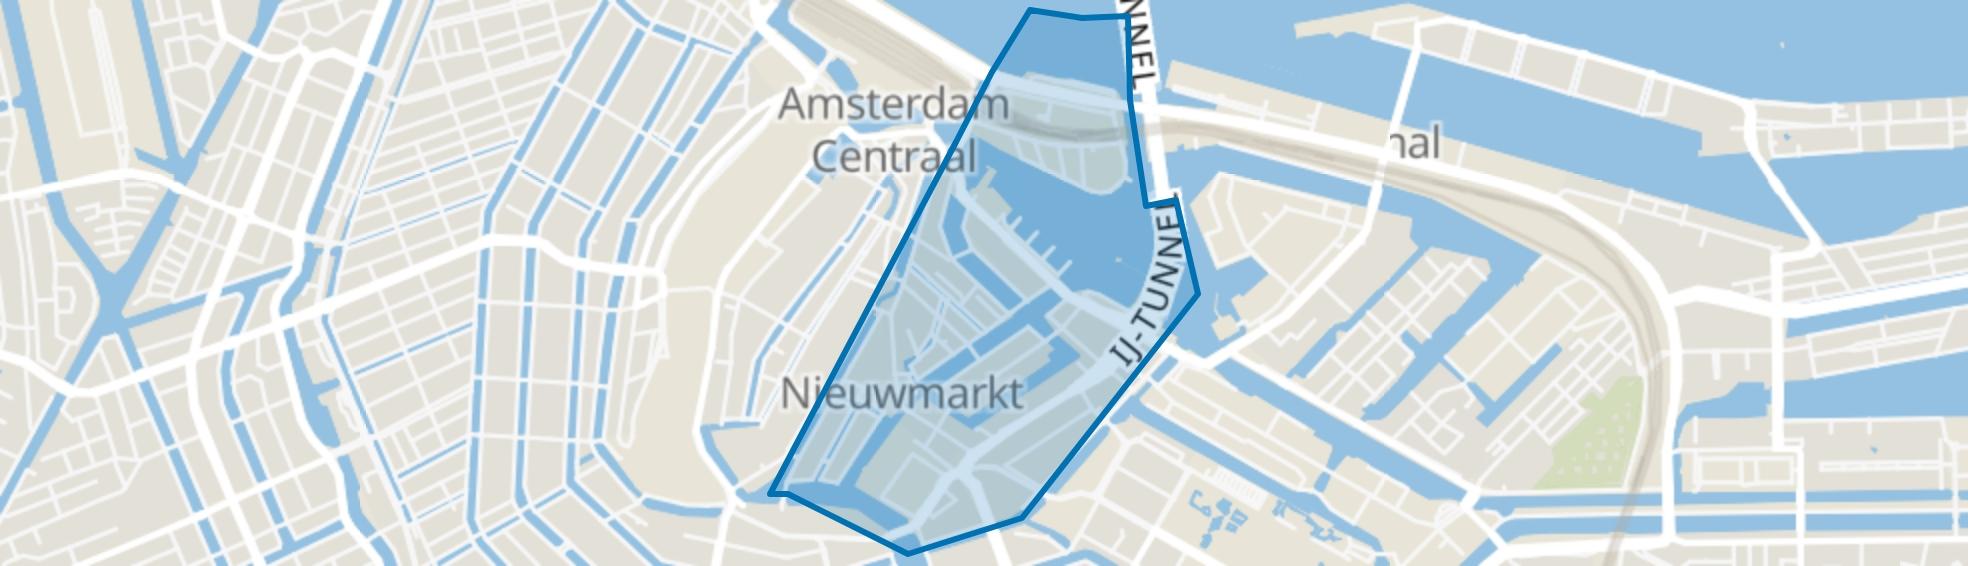 Nieuwmarkt/Lastage, Amsterdam map